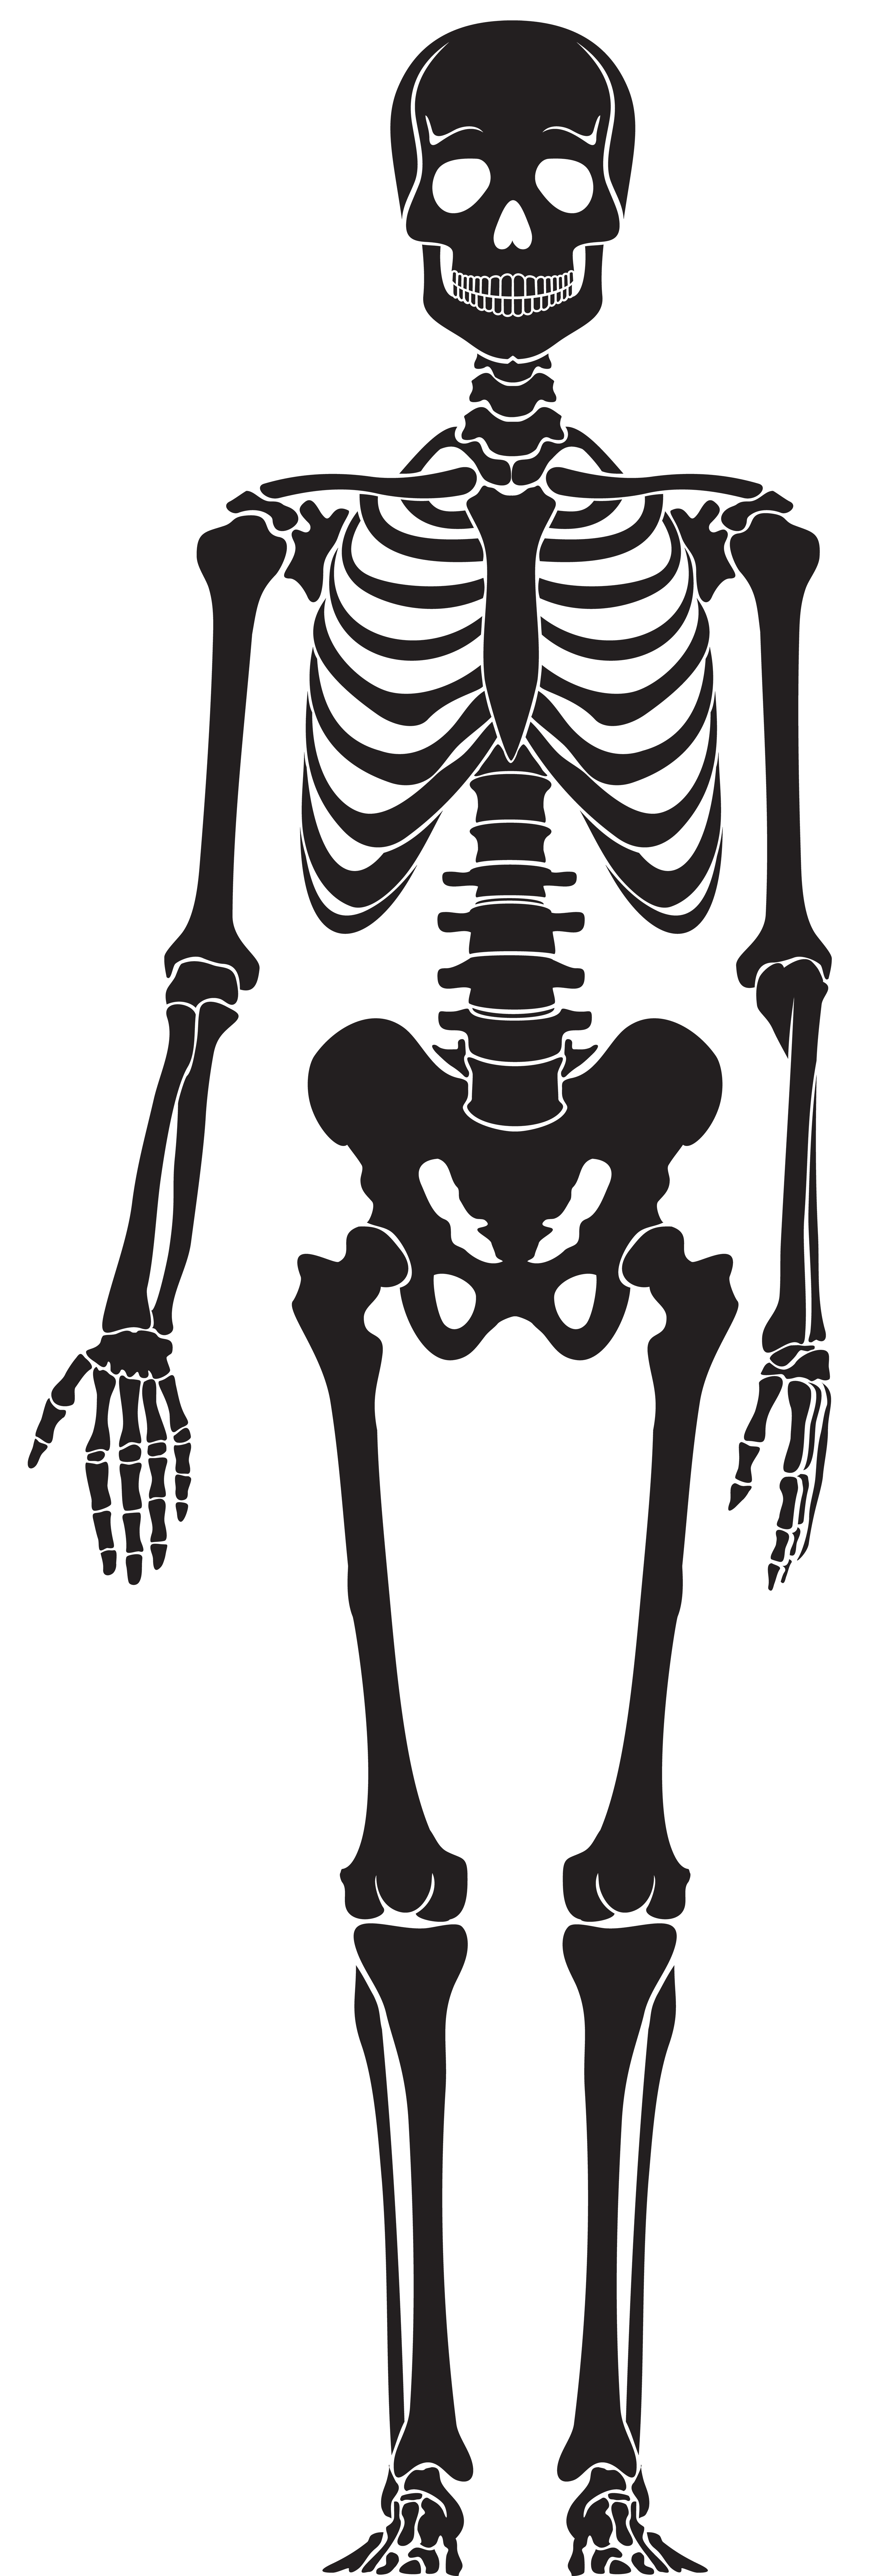 Skeleton clipart skelaton. Silhouette png clip art